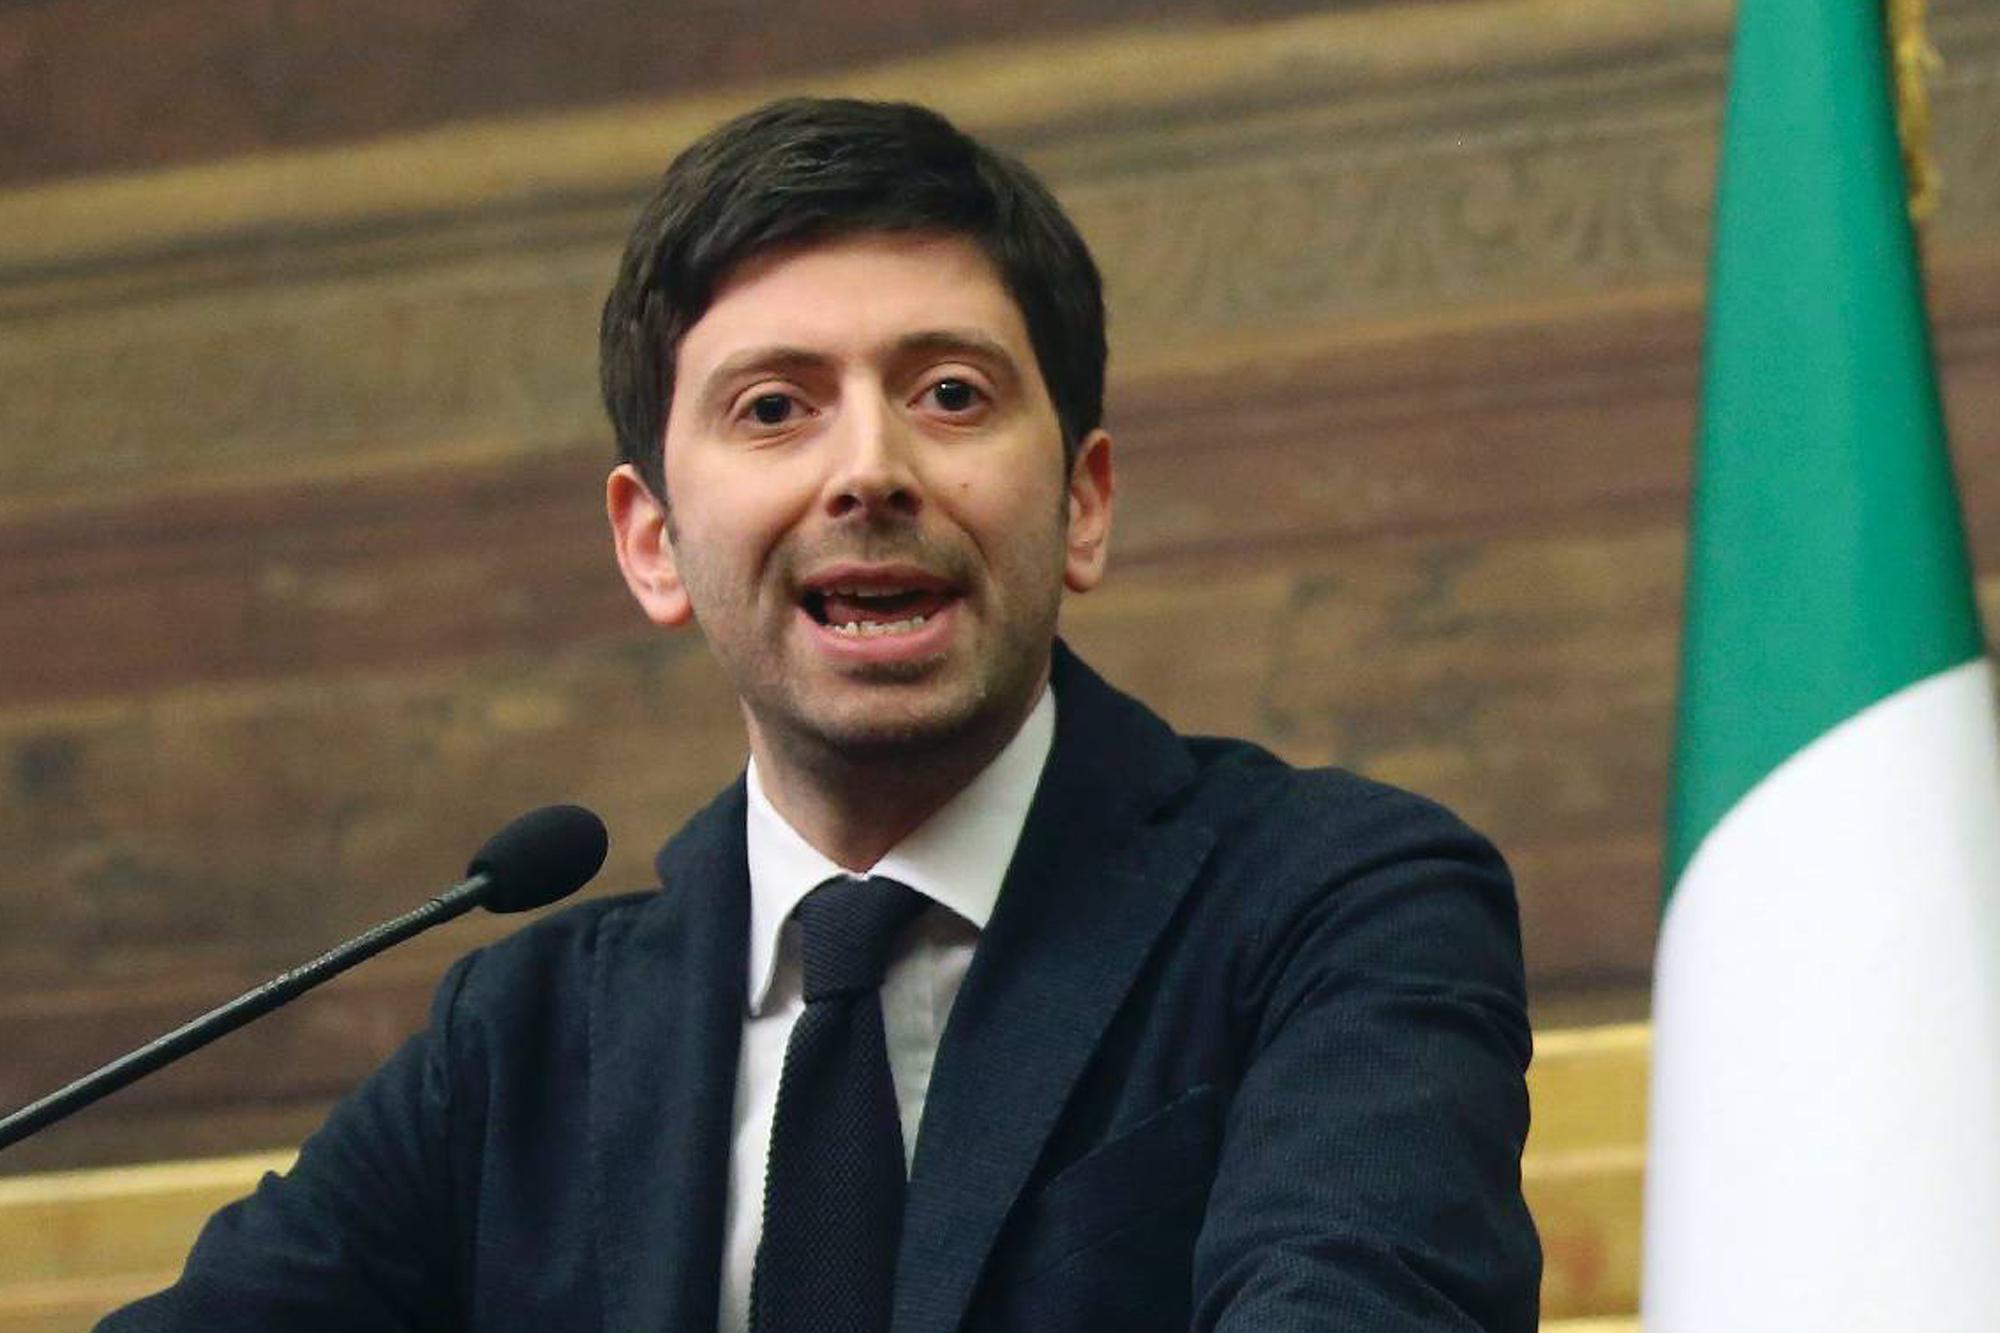 """Referendum, Speranza a Renzi: """"Si vince a destra? Così addio ai voti Pd"""""""